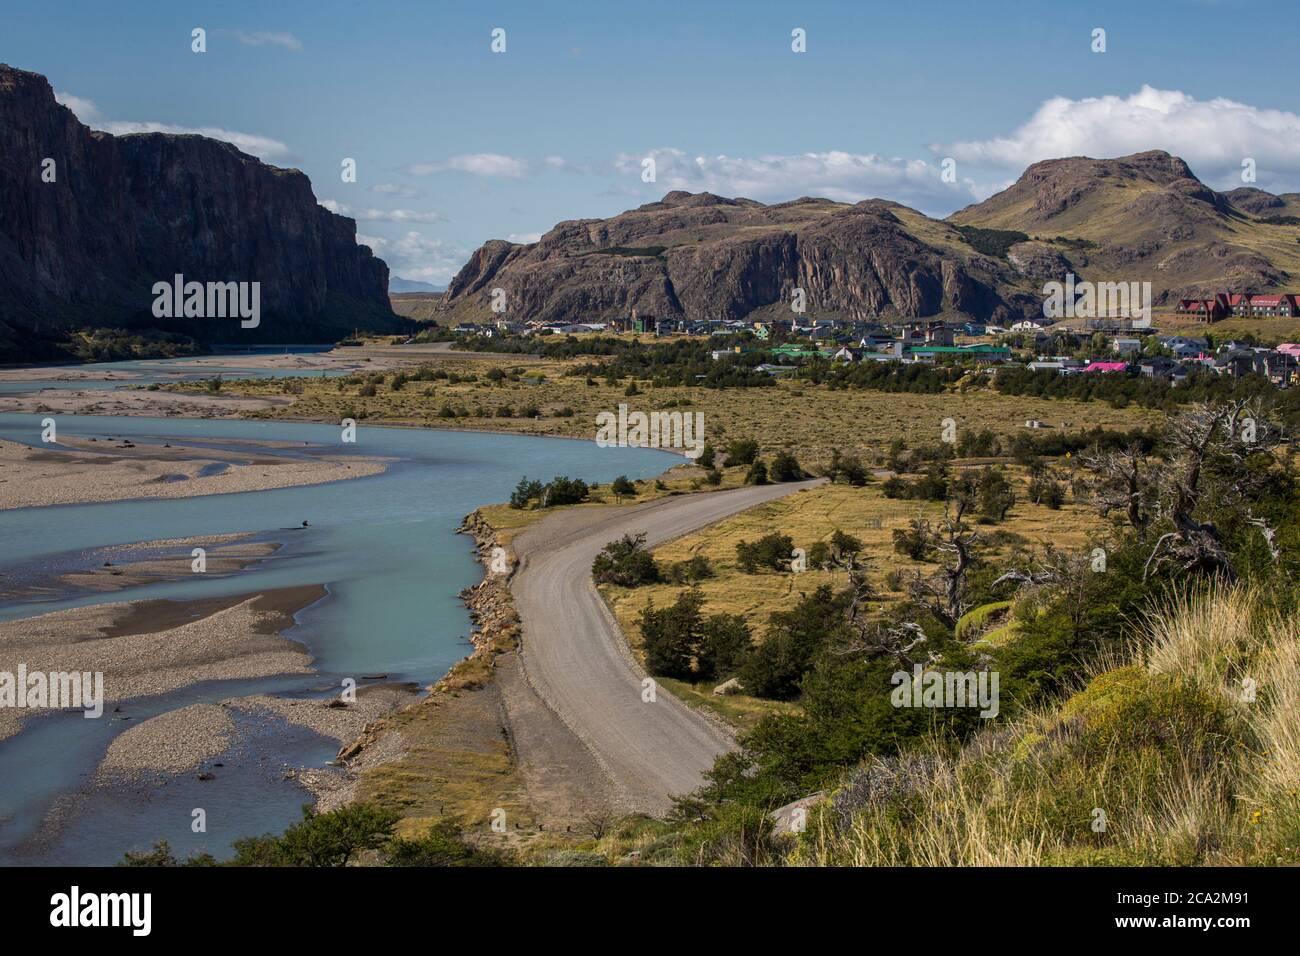 Vista del Valle del Río de las vueltas y el pueblo de el Chalten, Argentina. El color turquesa del agua es causado por el cieno glacial. Foto de stock